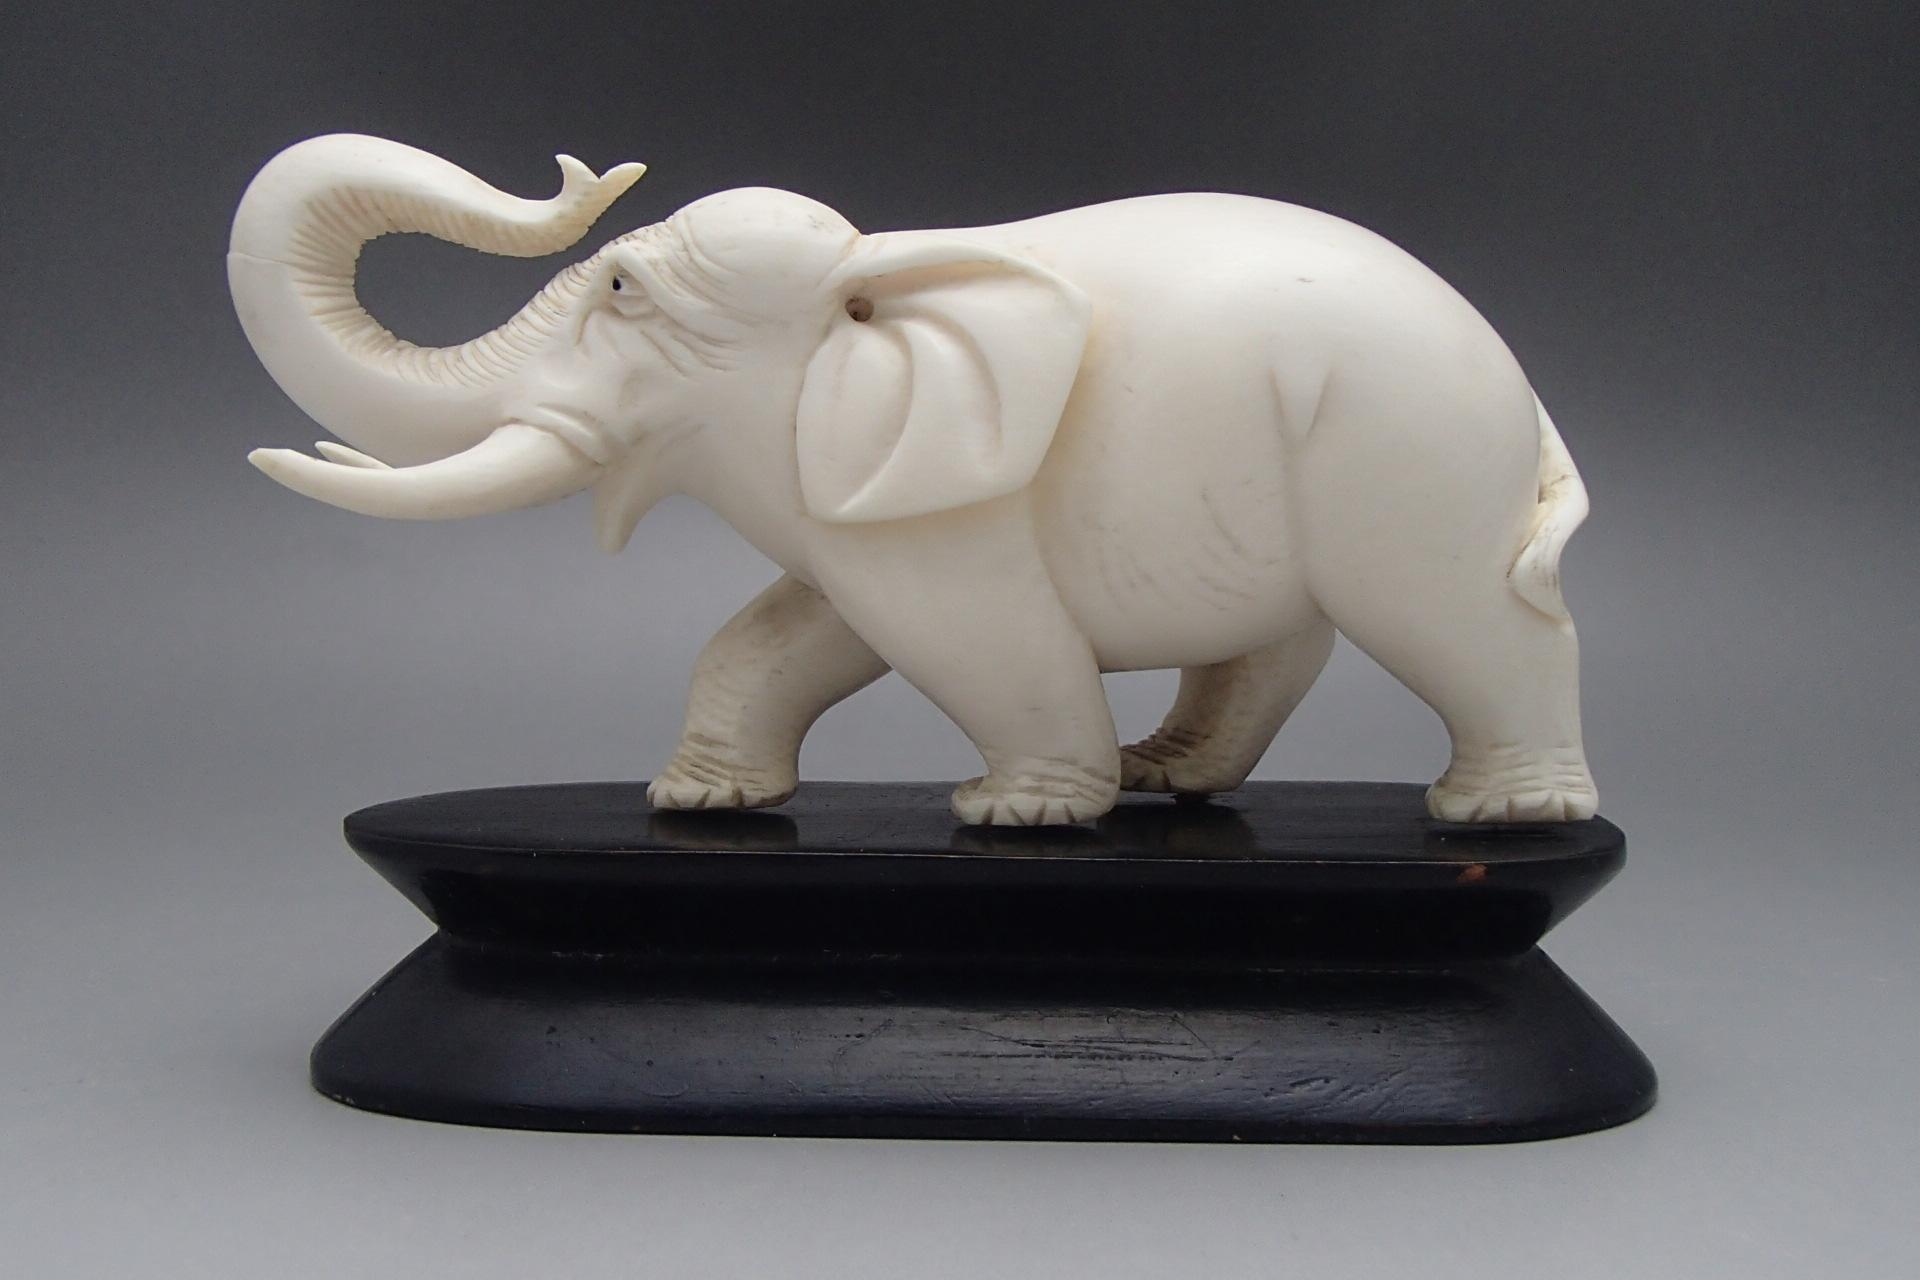 象牙買取 象牙彫刻品 象 東京都のお客様